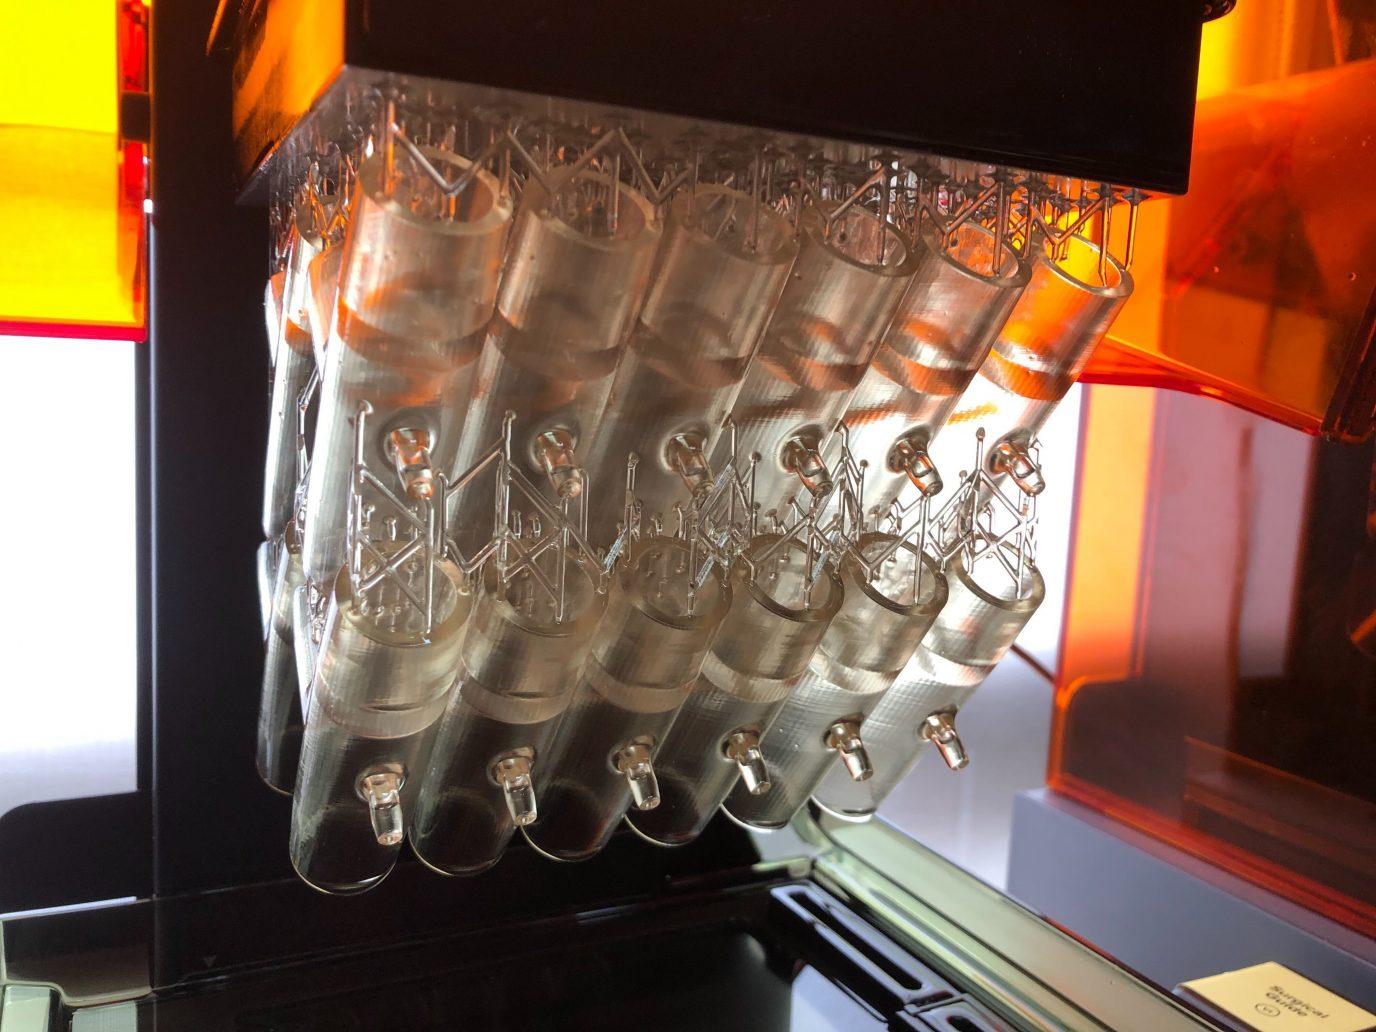 フォームラブズが3Dプリンターで人工呼吸器用アダプターを製造